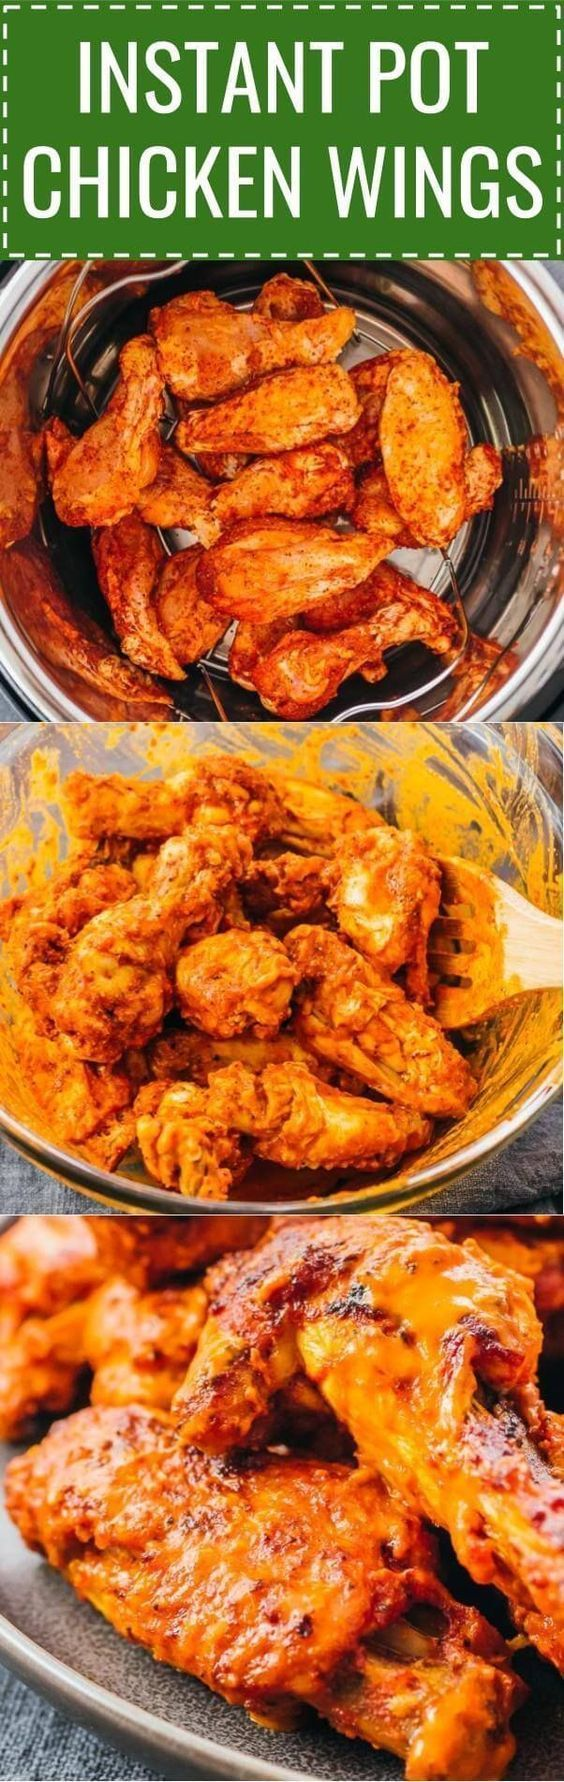 Paleo Keto Crockpot Recipes